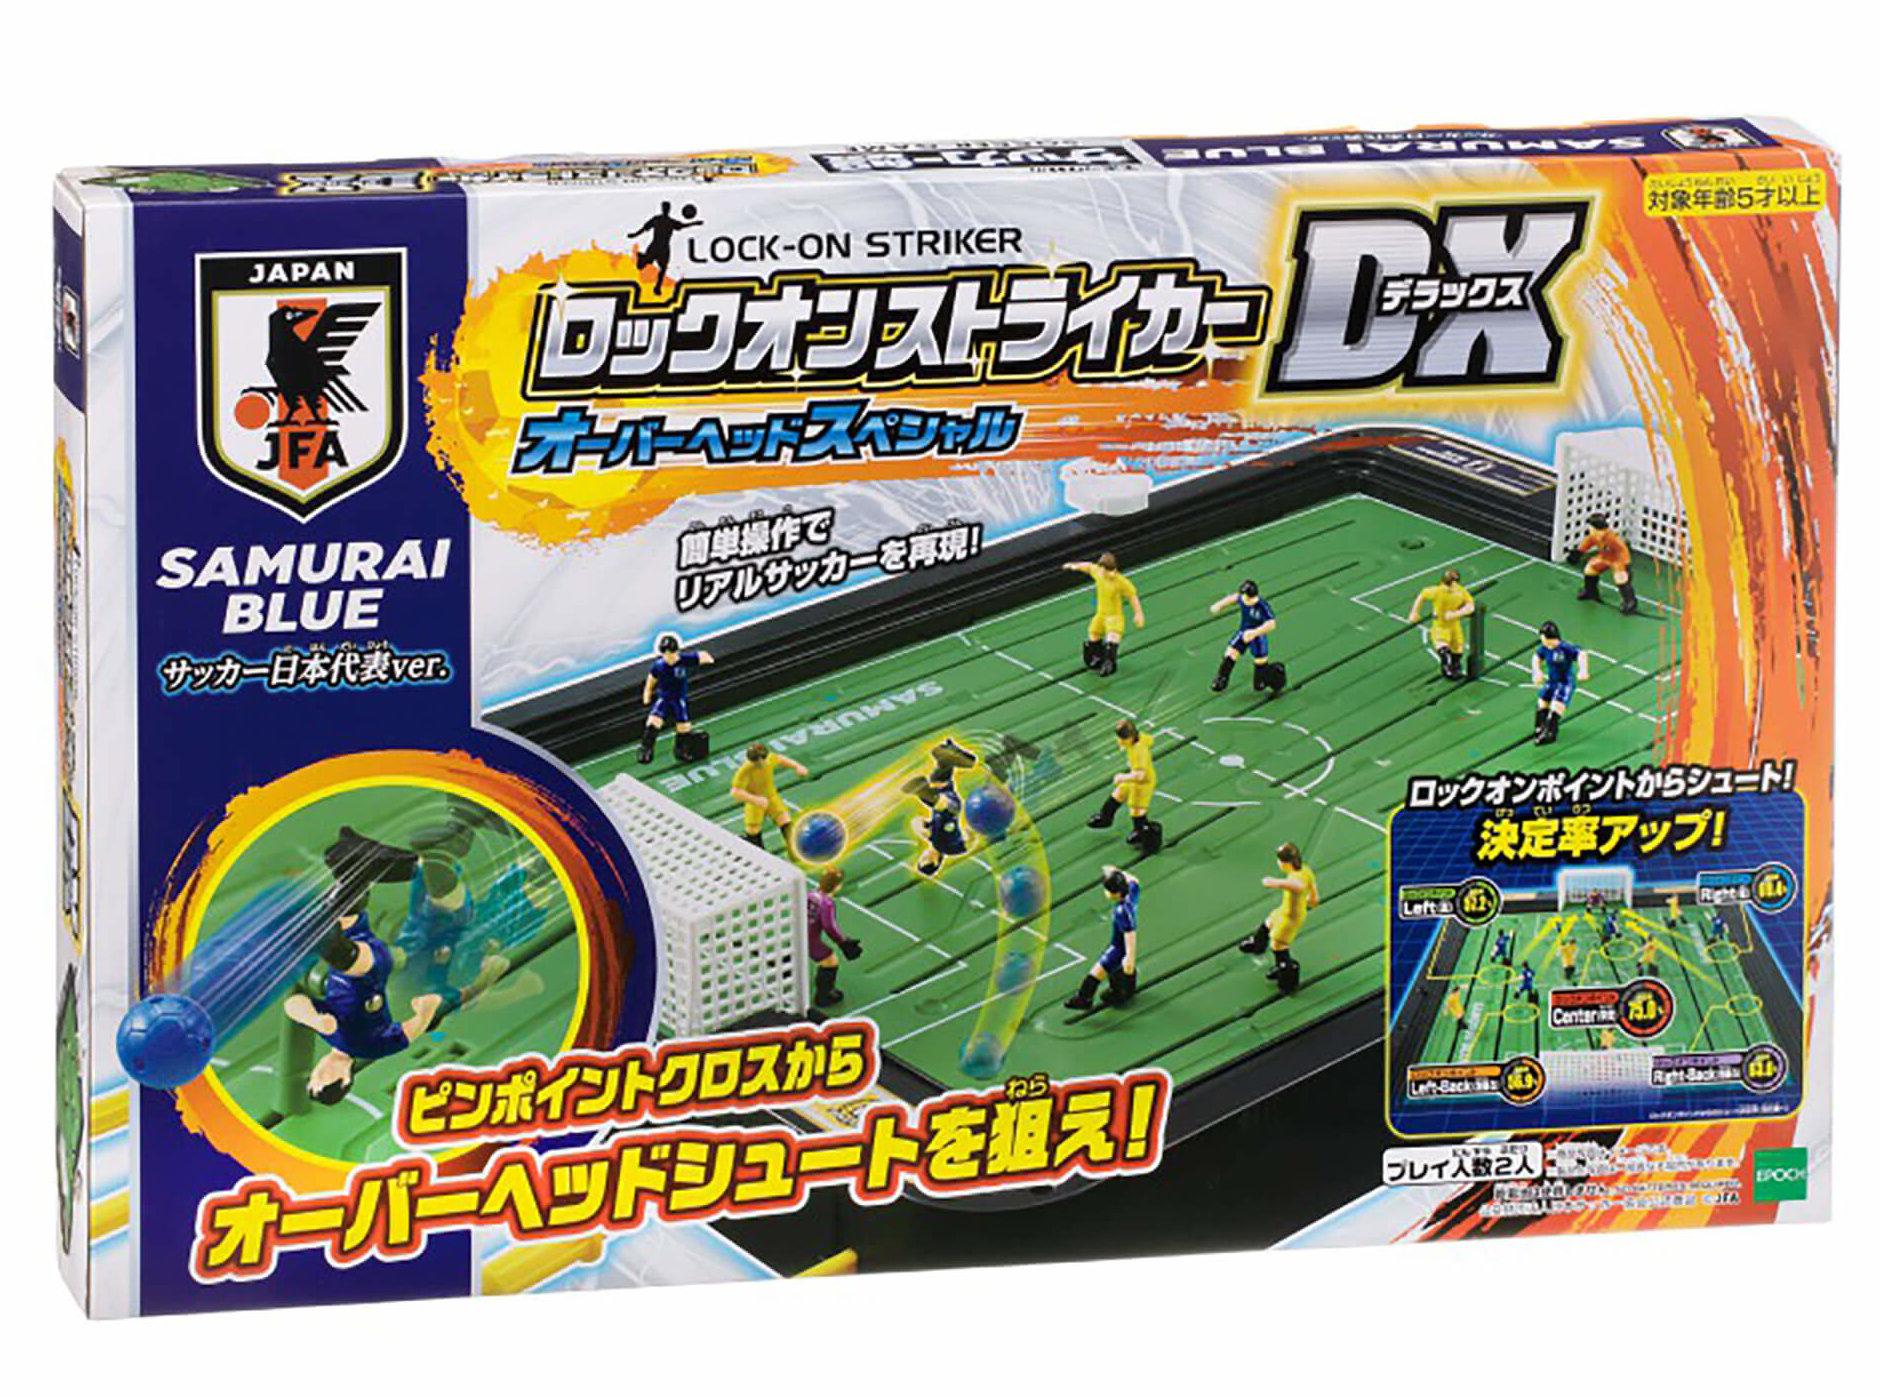 サッカー盤ロックオンストライカーDXオーバーヘッド スペシャルサッカー日本代表ver.